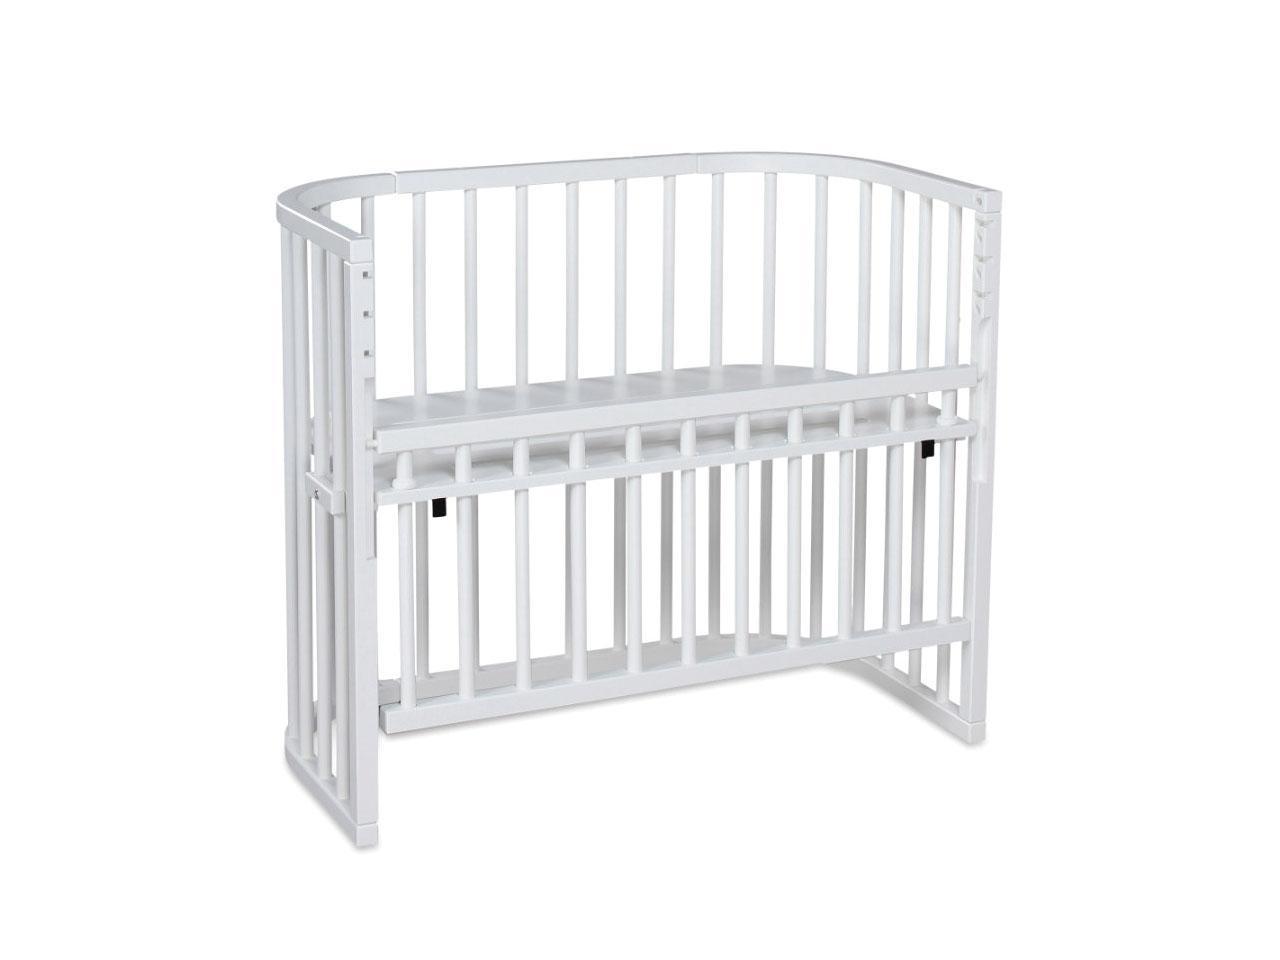 Přístavná postýlka BABYBAY Comfort, bílá